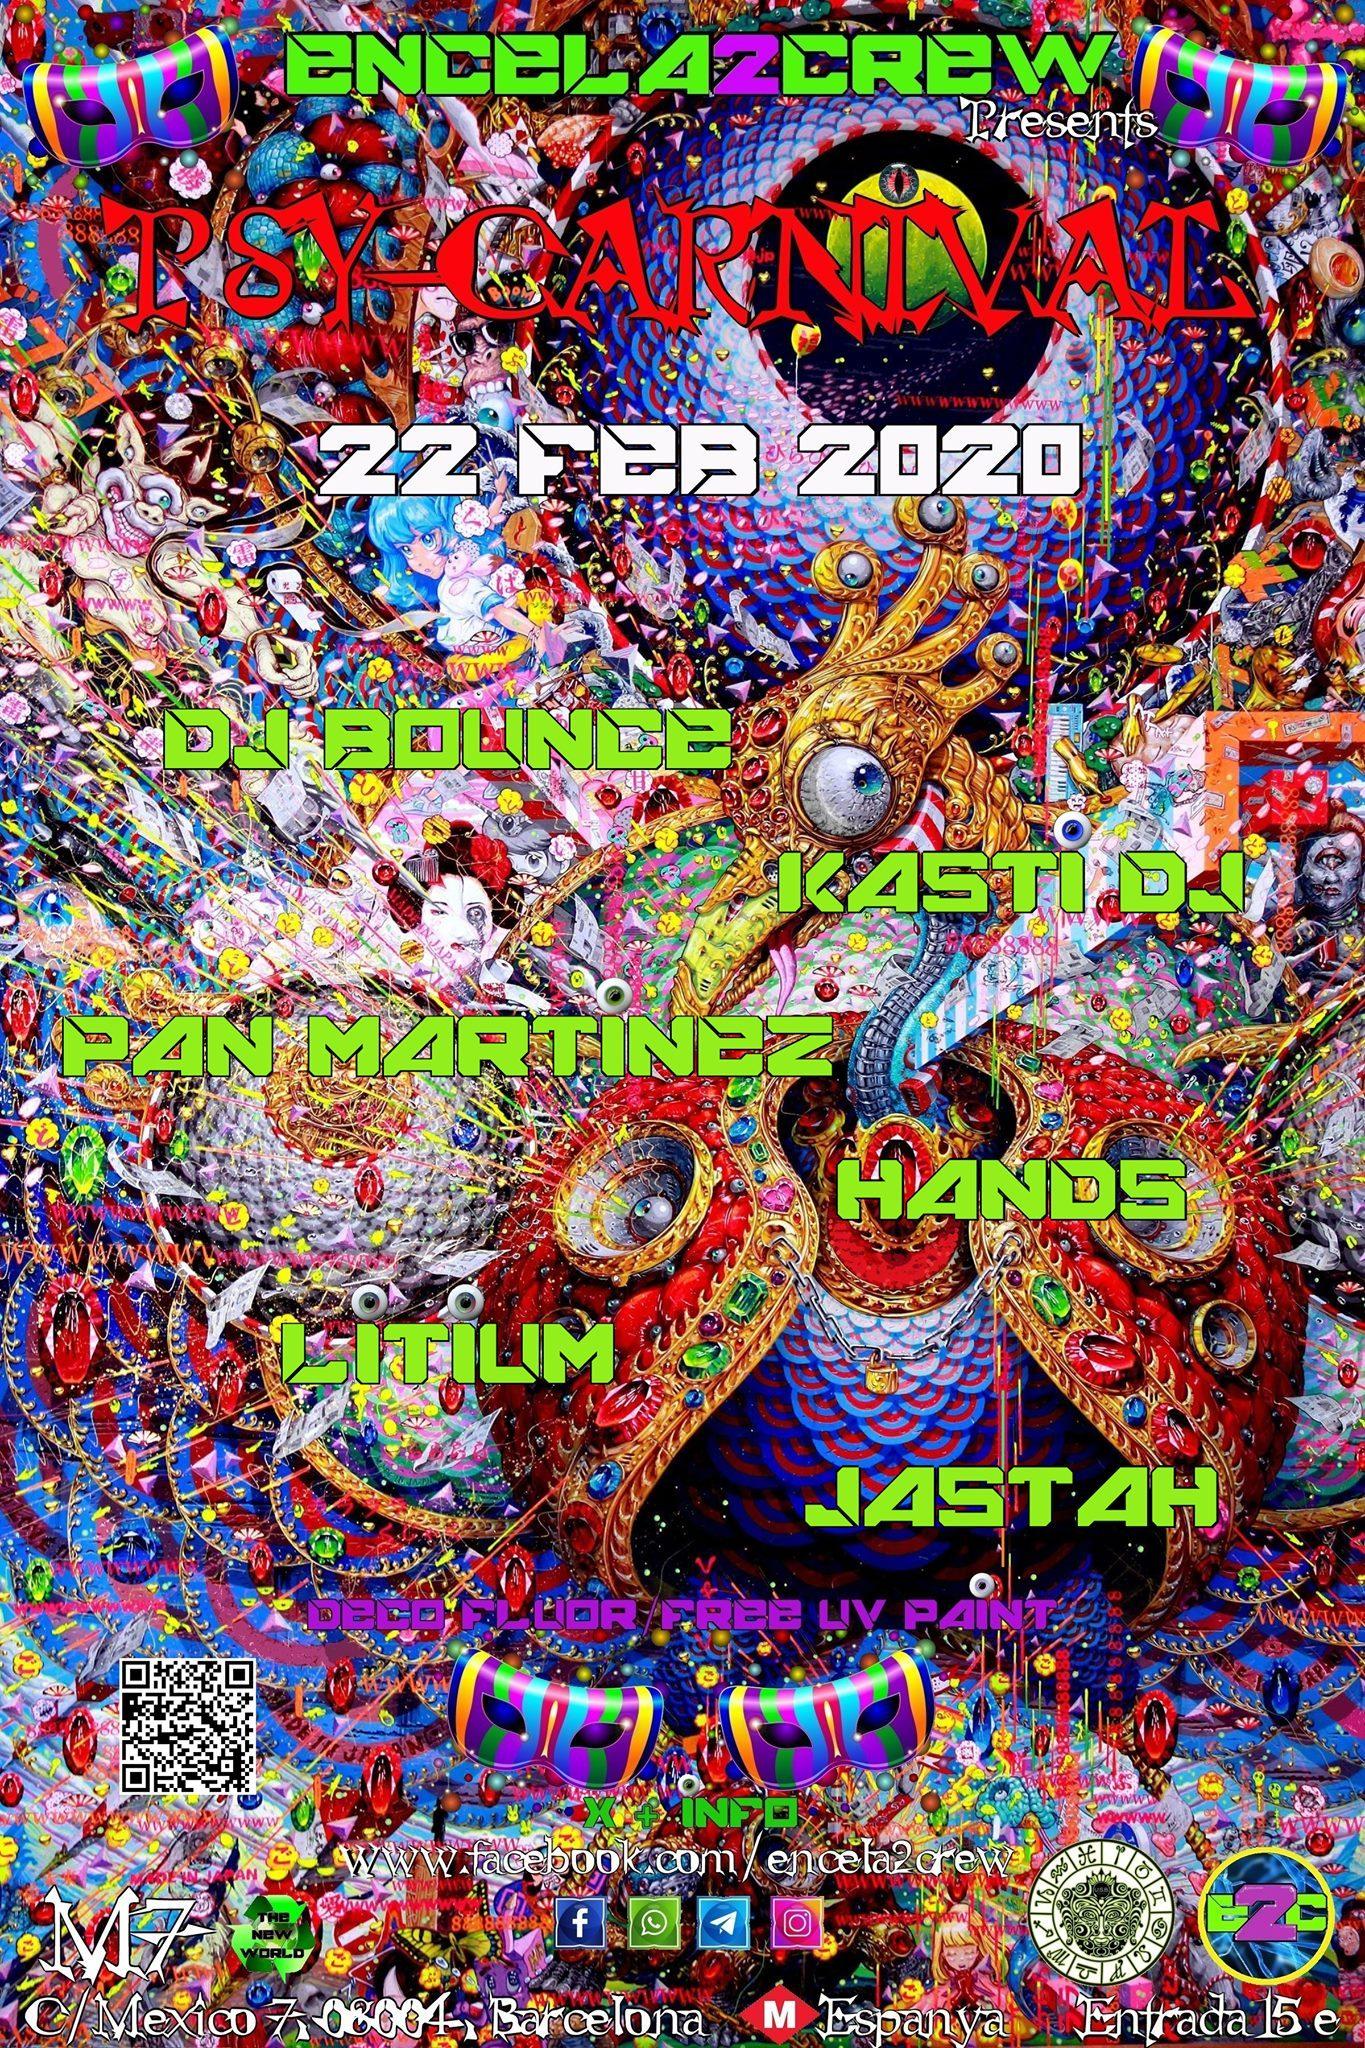 Sabado 22/02/20 – Encela2crew Presents Psy-Carnival